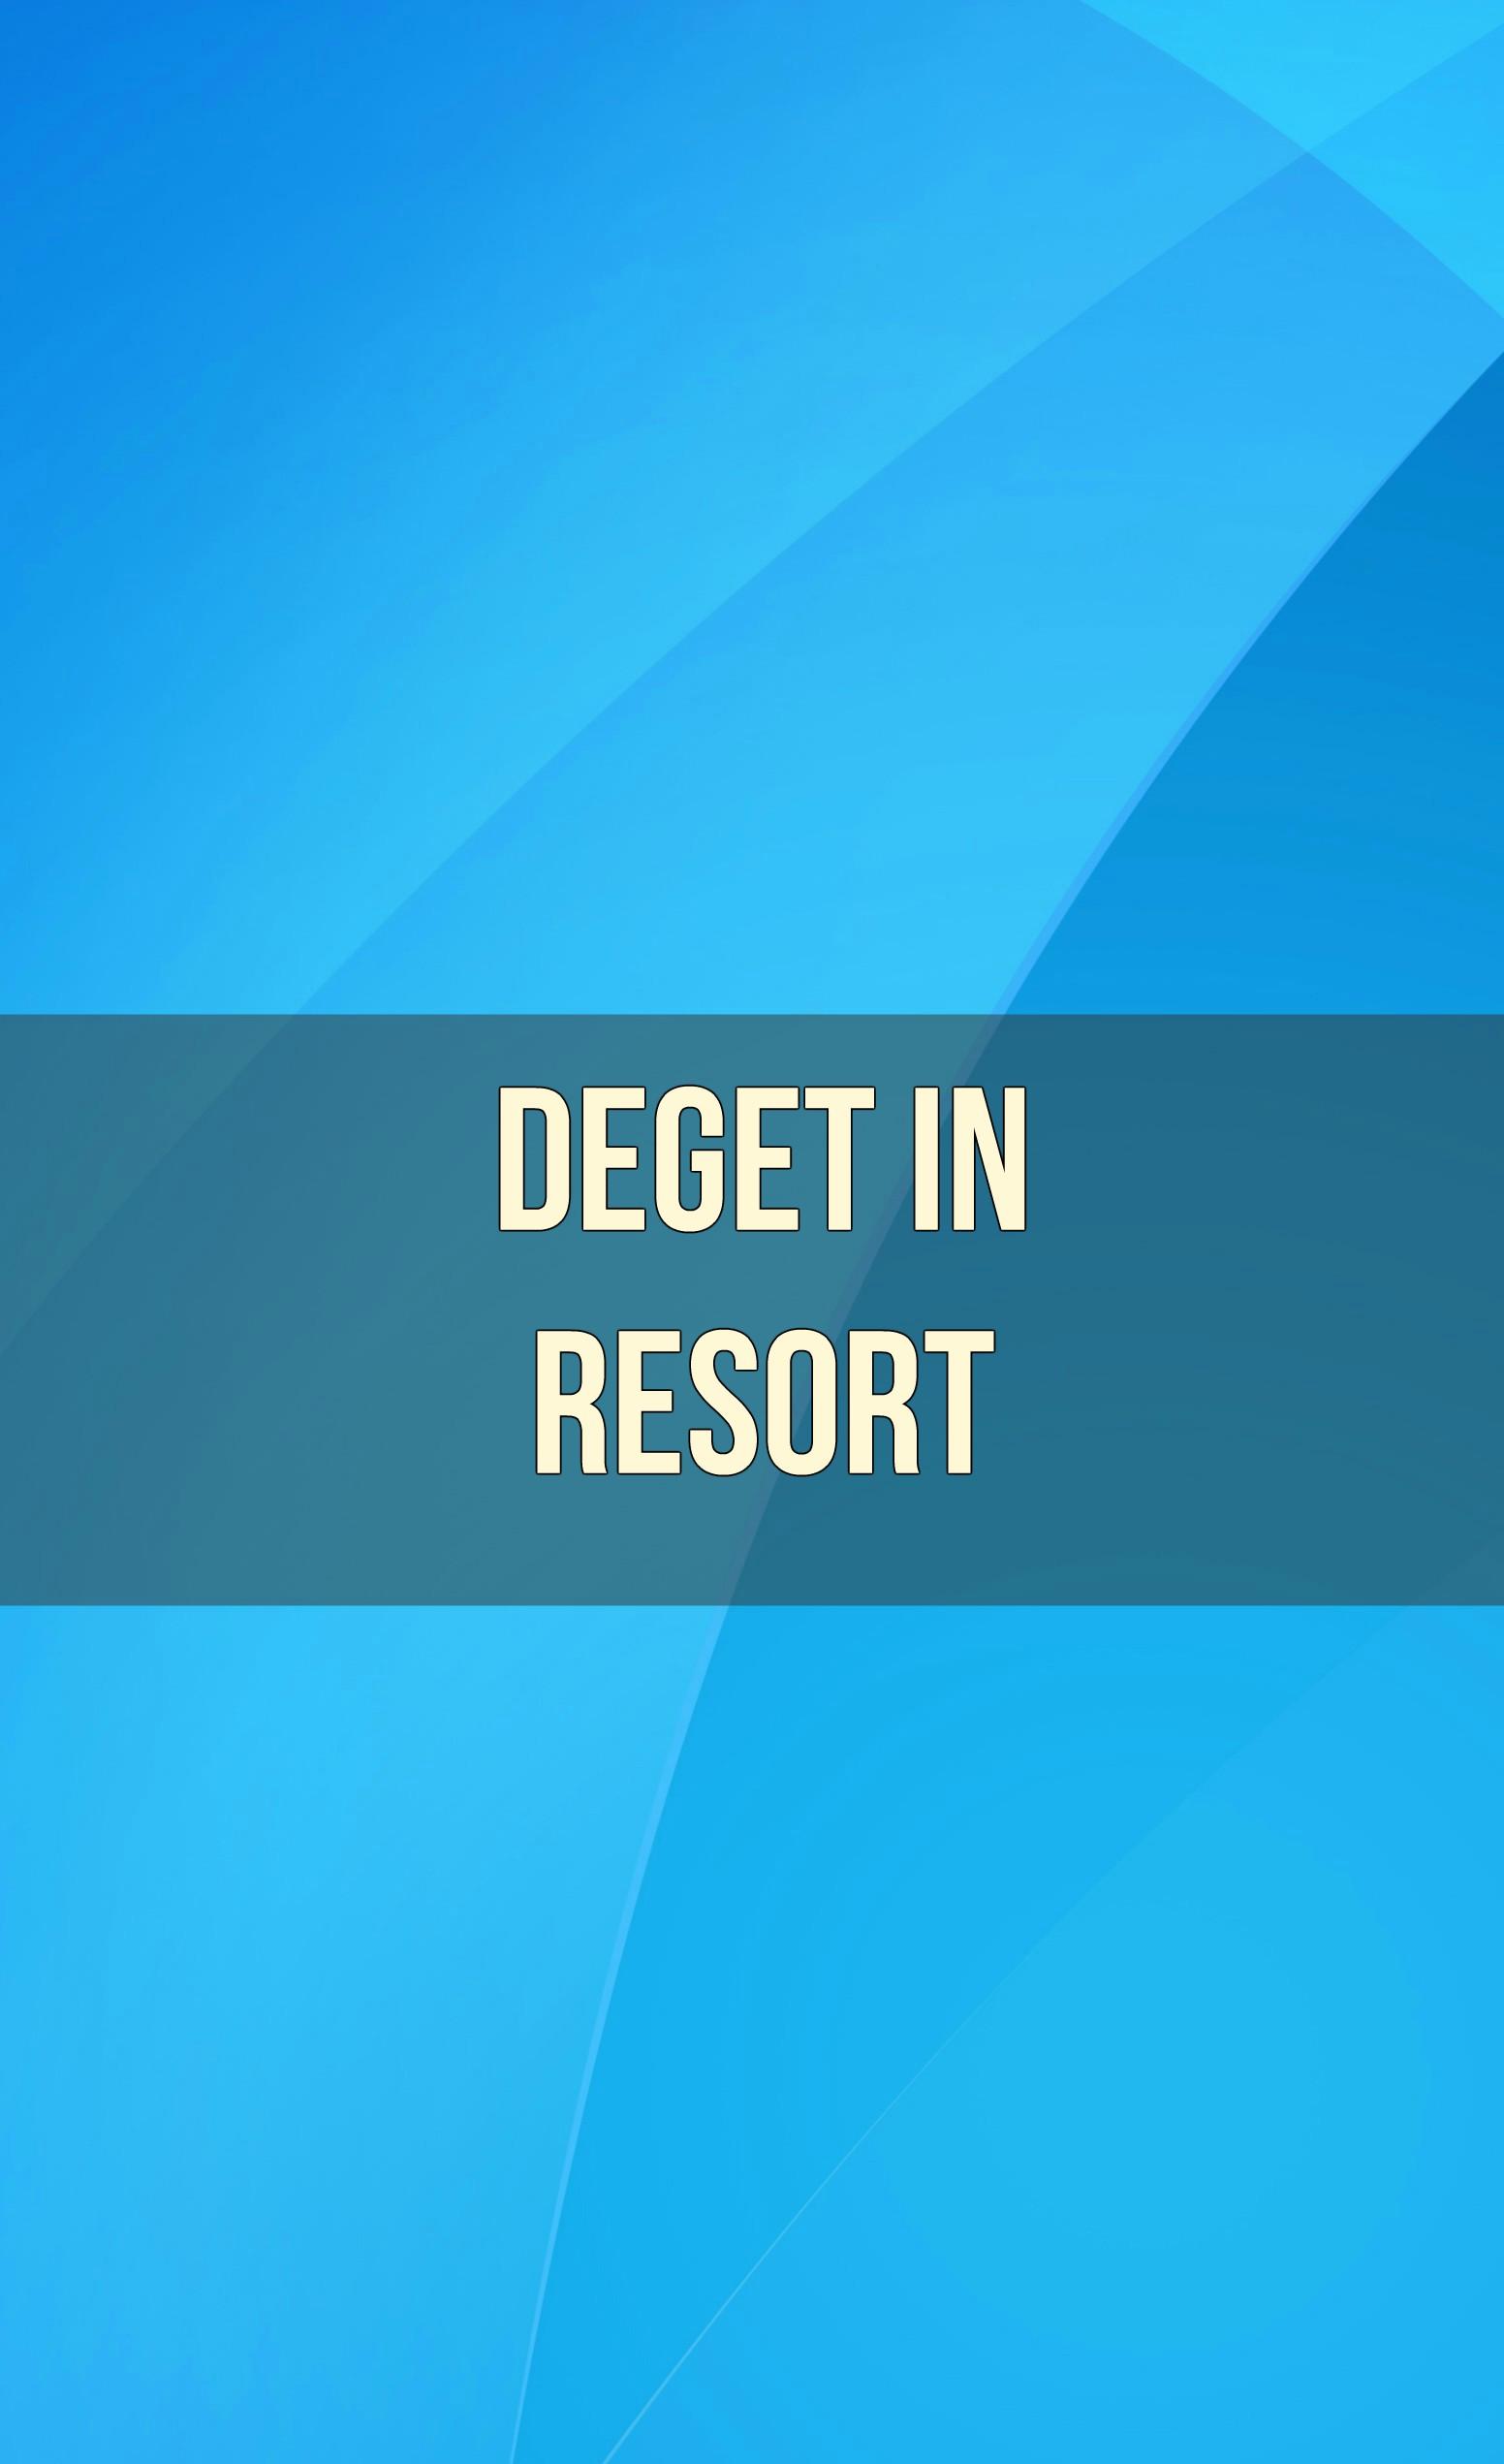 deget in resort